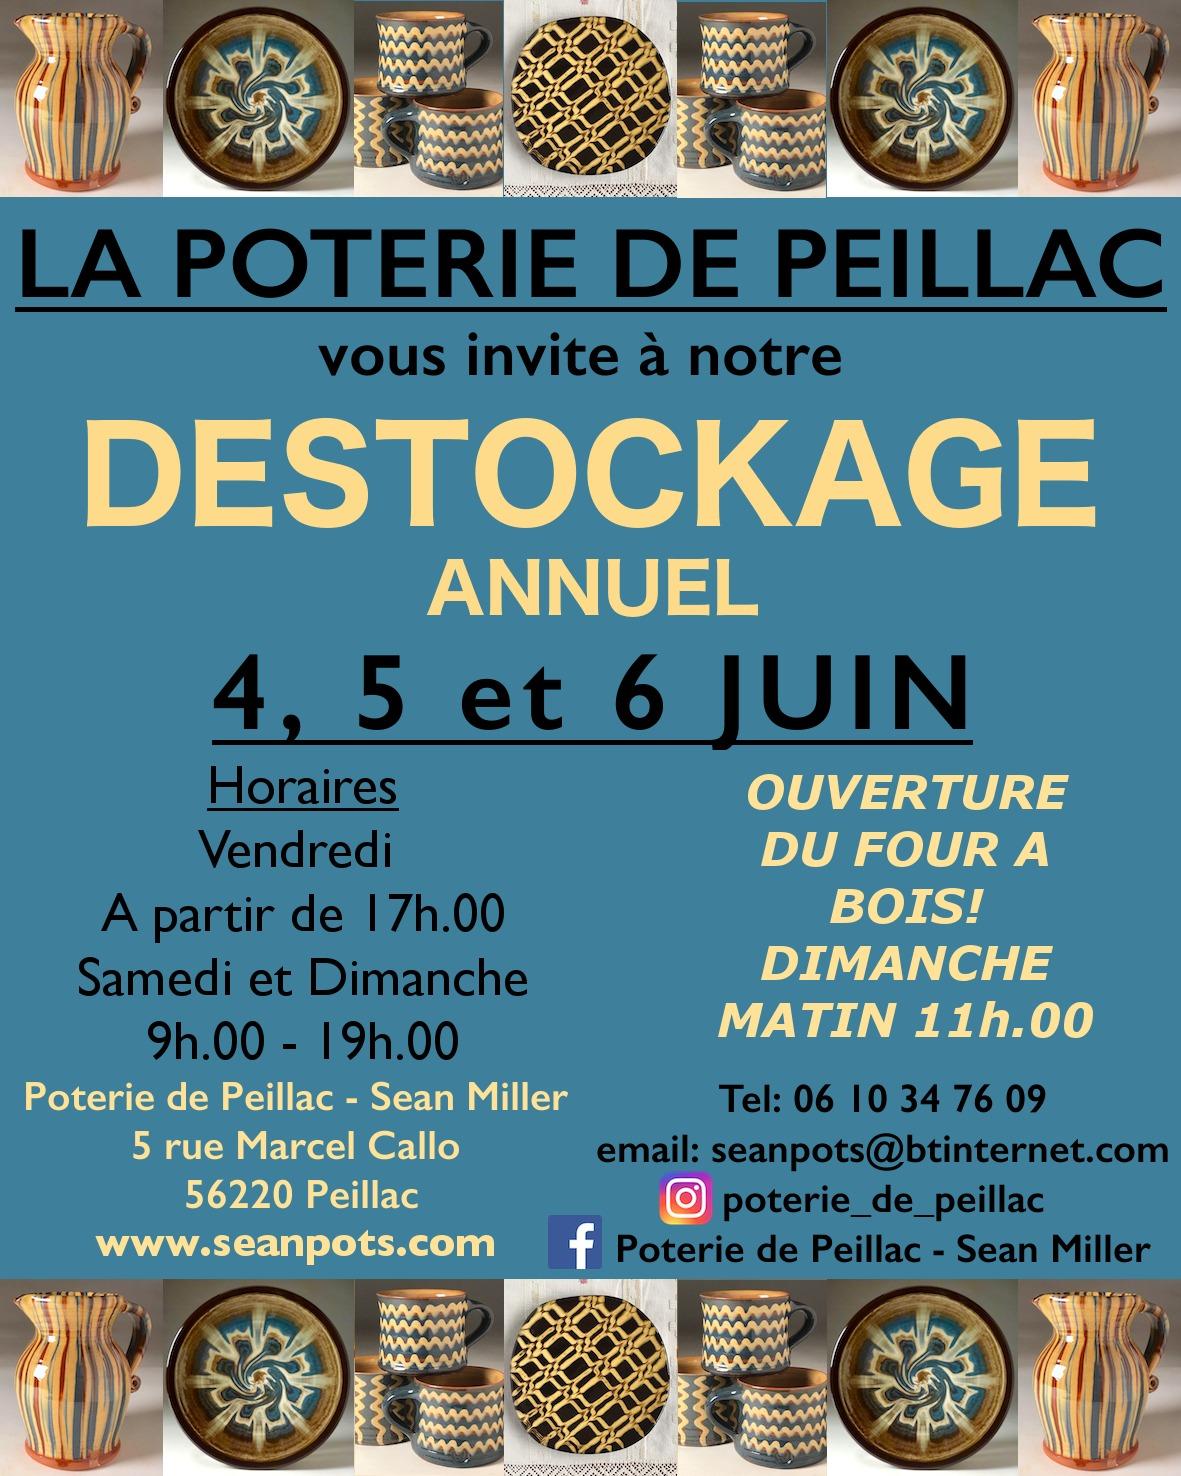 Déstockage annuel à la Poterie de Peillac